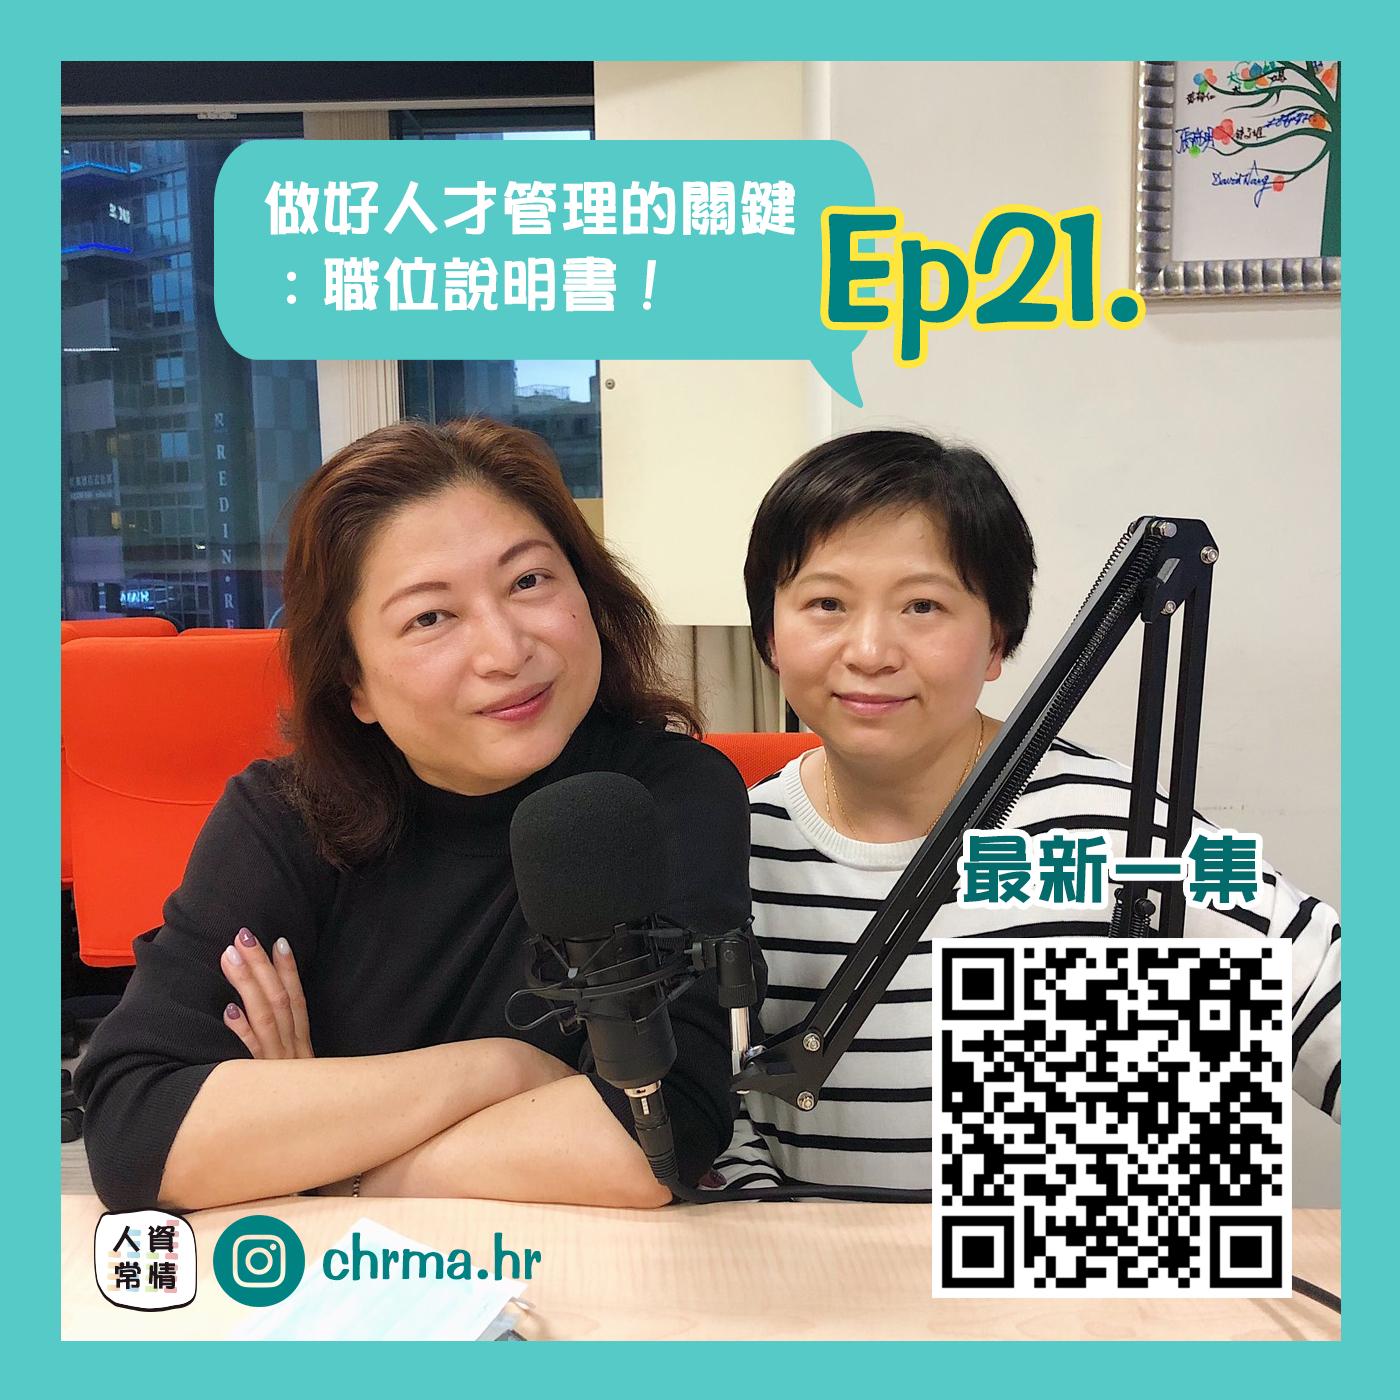 EP21 人資十分鐘 - 做好人才管理的關鍵:職位說明書!feat.張馨文老師